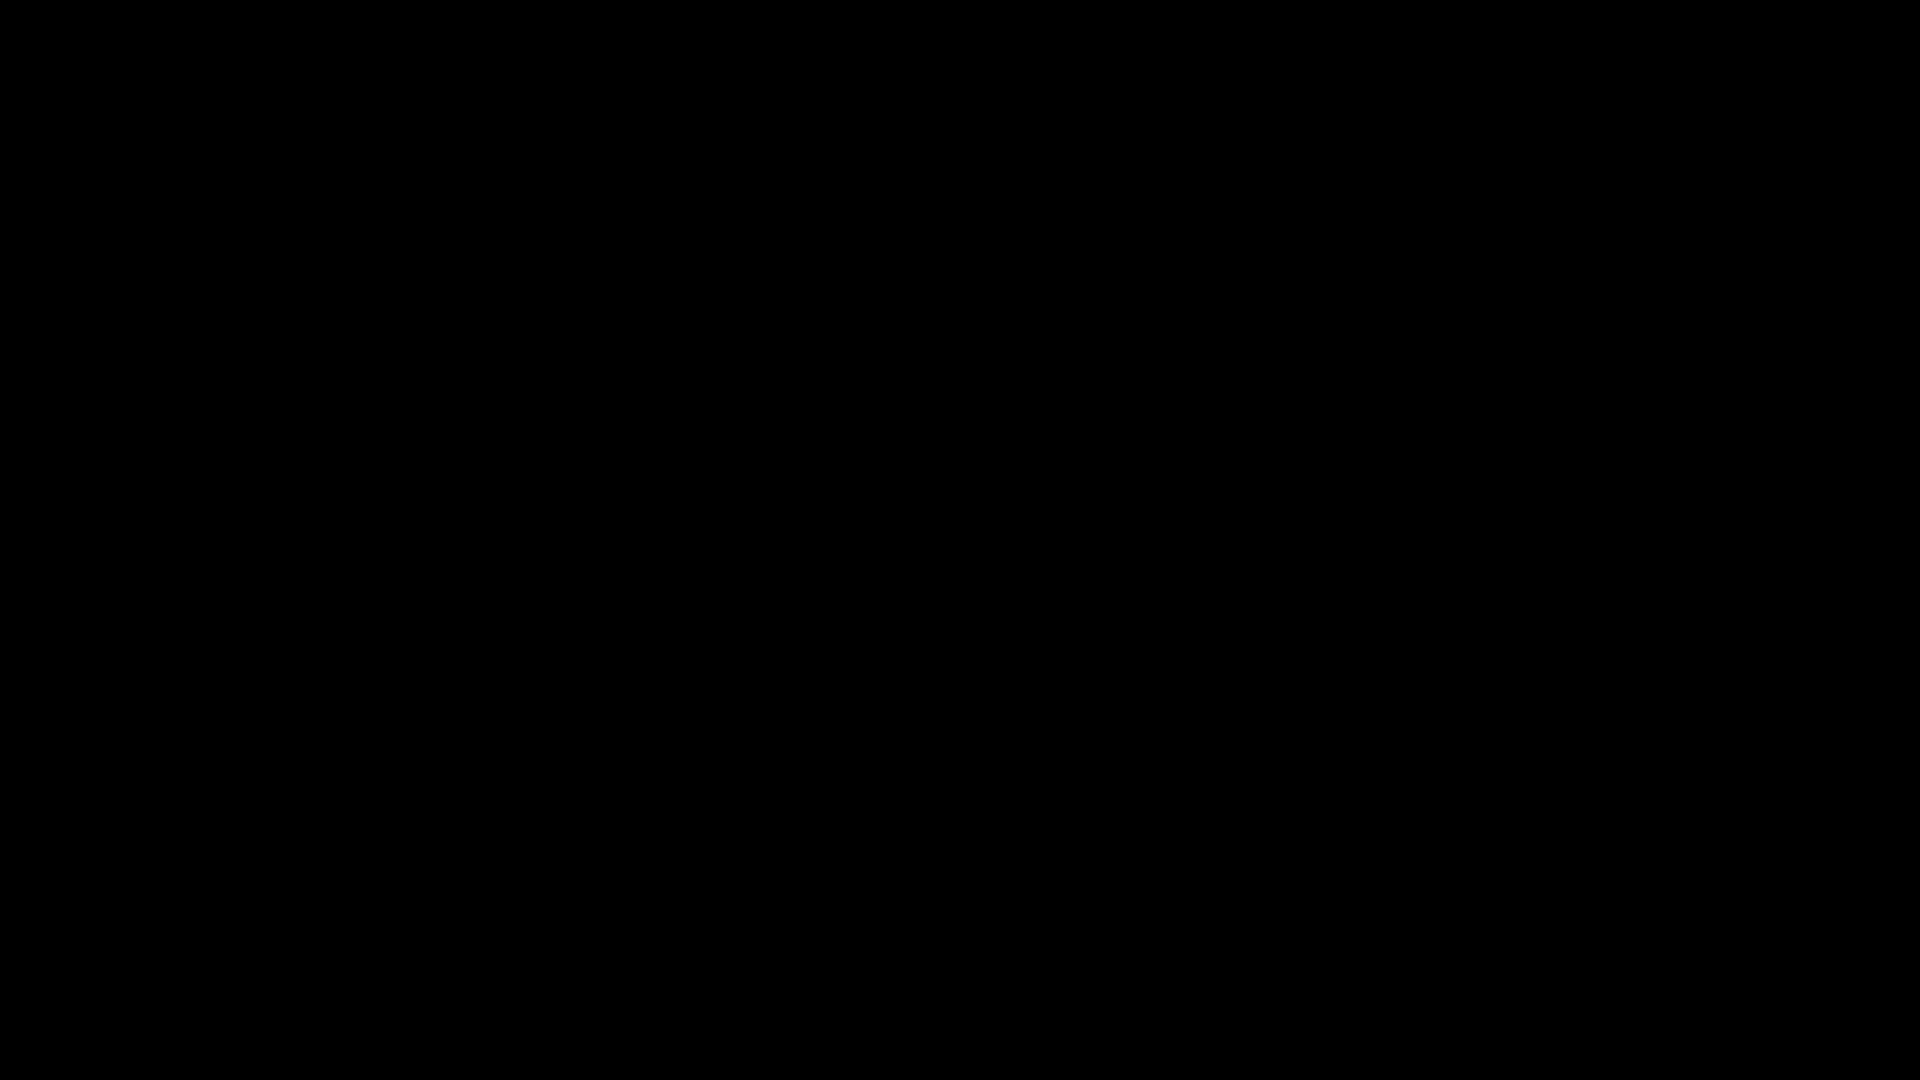 अल्ट्रा स्पष्ट नॉन स्टिक 4x4 स्पष्ट पीएफए शीट ध्यान केंद्रित करने के लिए चकनाचूर कंटेनर निकालने तेल चकनाचूर PTFE शीट